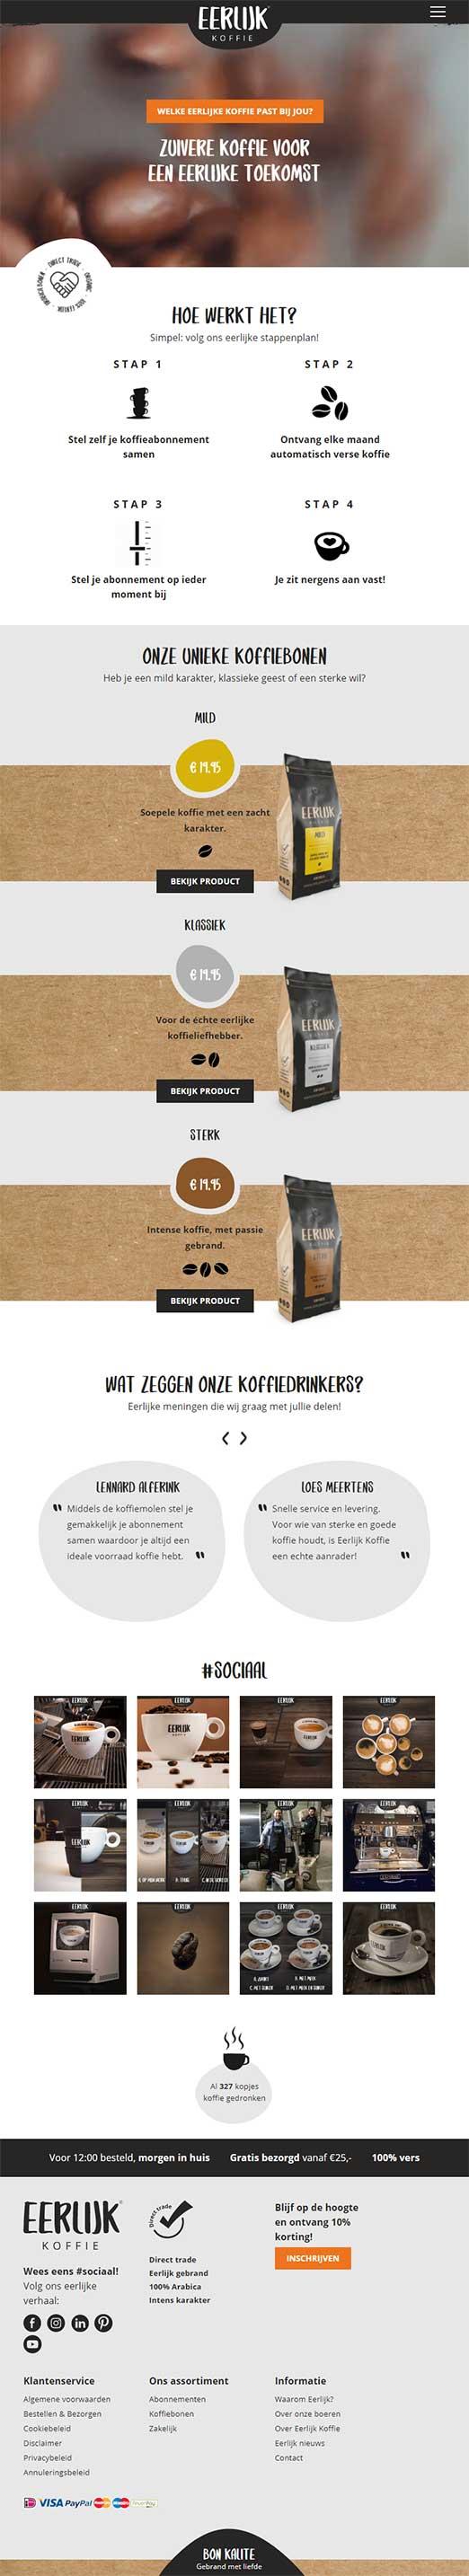 Eerlijk Koffie website voorbeeld op tablets